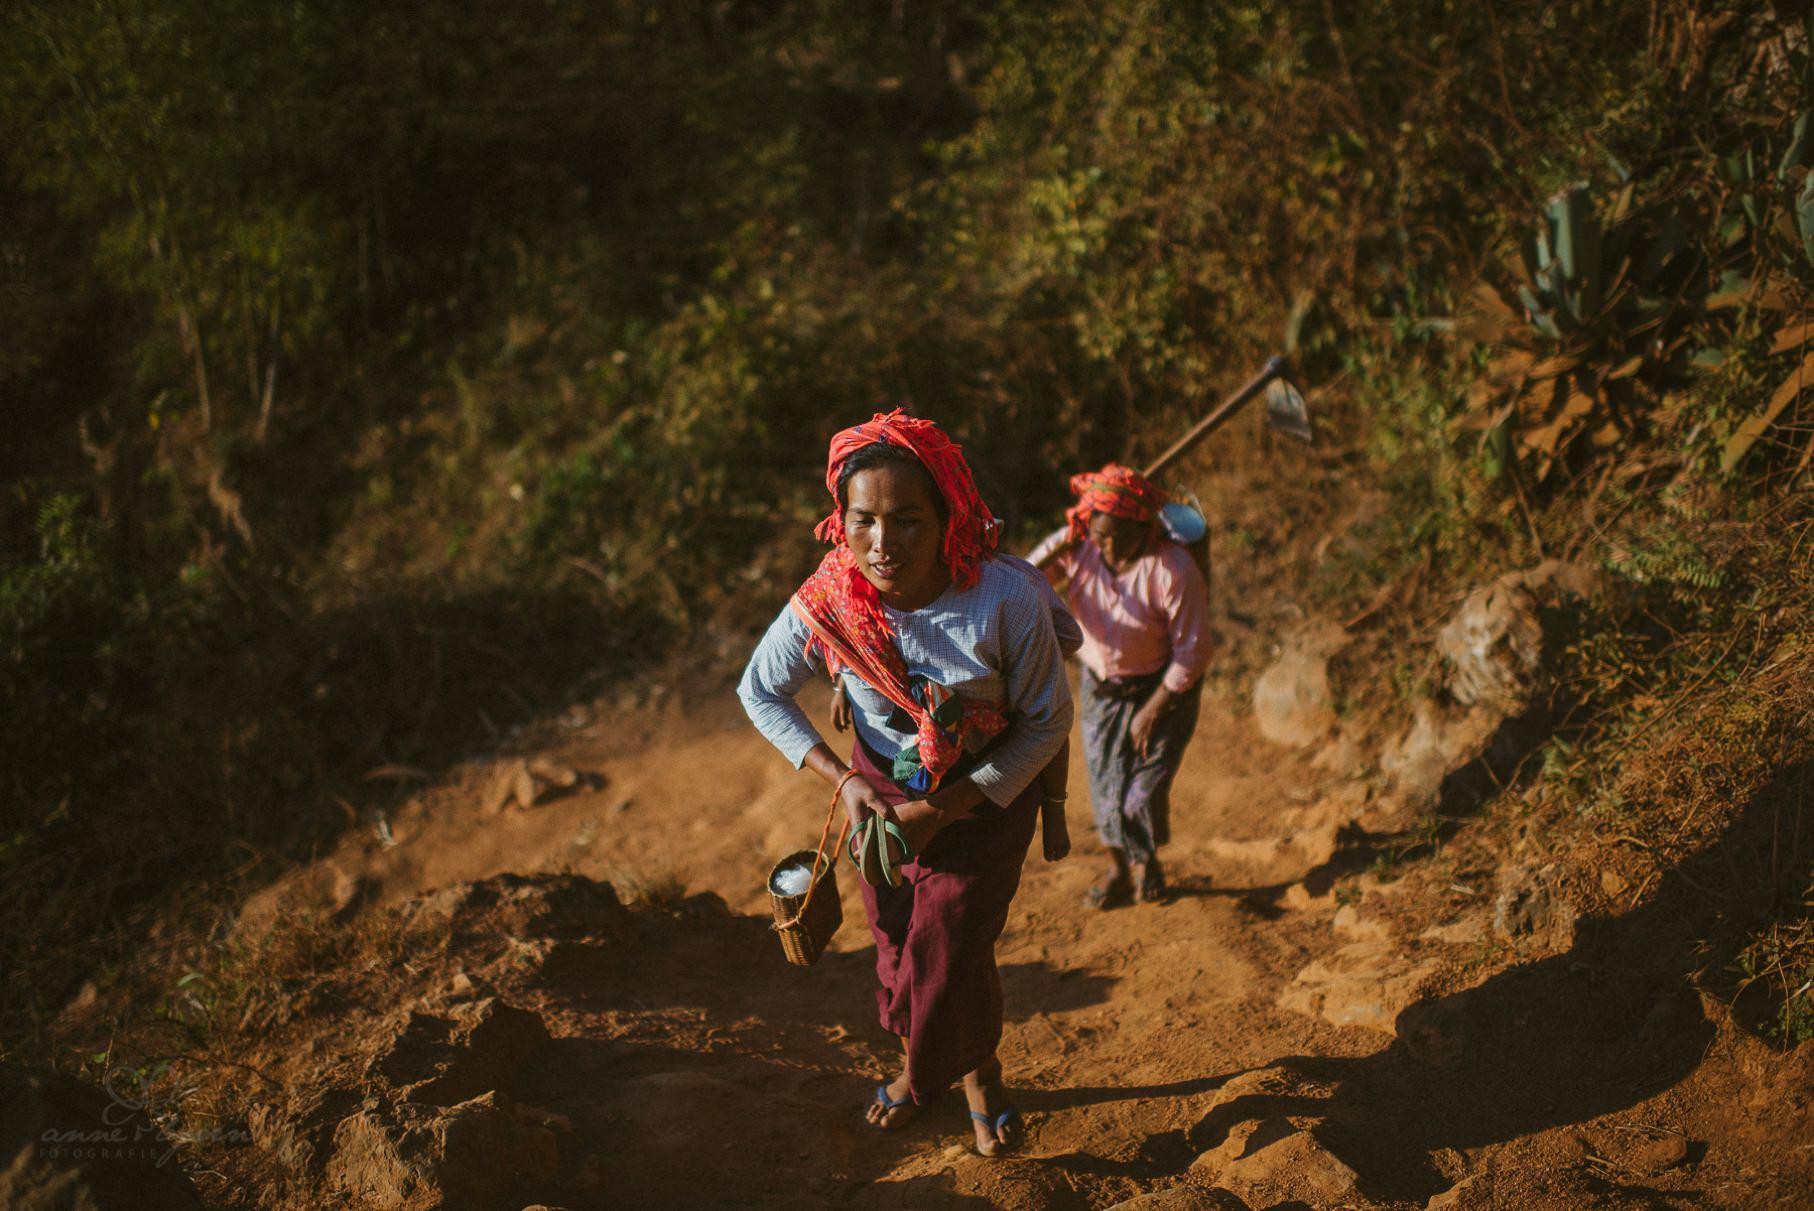 0042 inle lake trekking d76 5901 - Trekking von Kalaw zum Inle-See - Myanmar / Burma